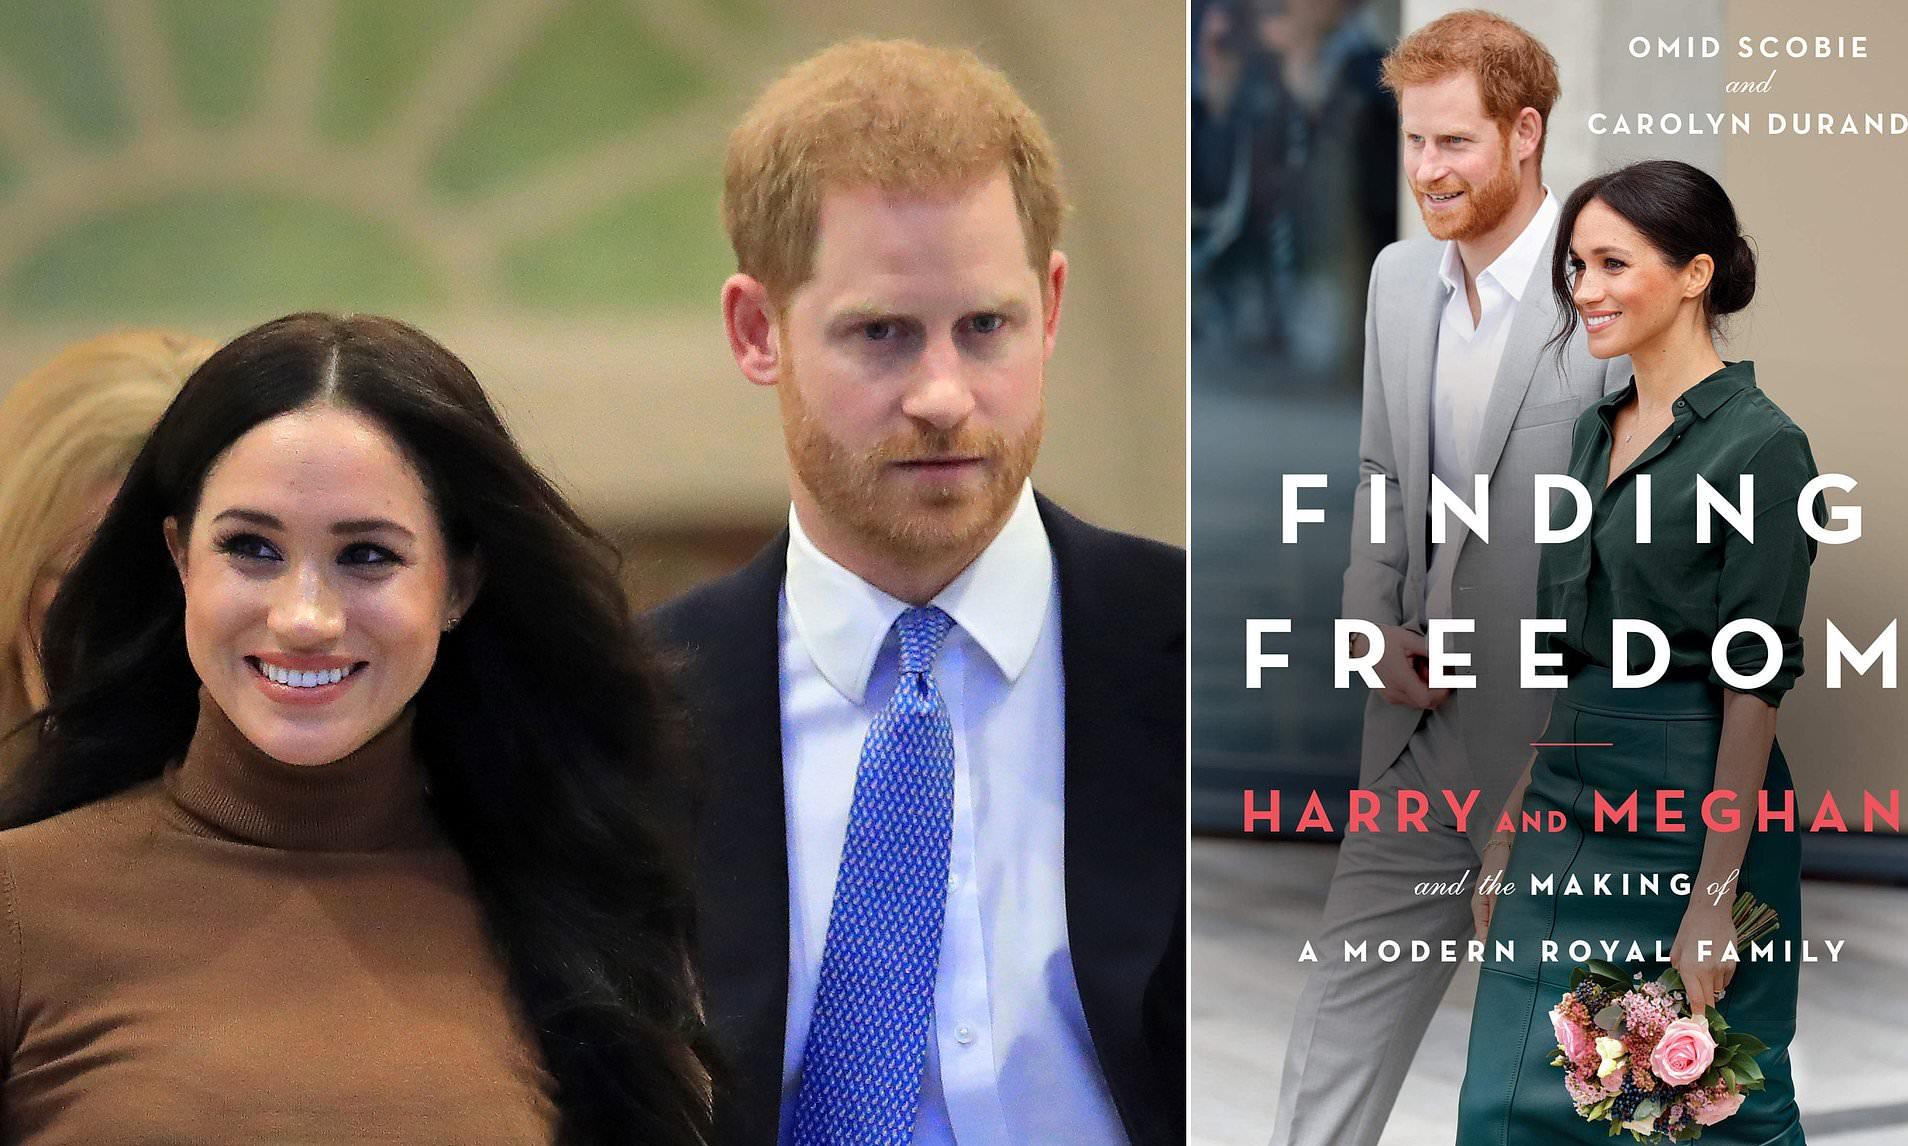 'Đòn' tiếp theo Meghan Markle và Hoàng tử Harry dành cho Hoàng gia Anh: Phát hành tự truyện 'Đi Tìm Tự Do'